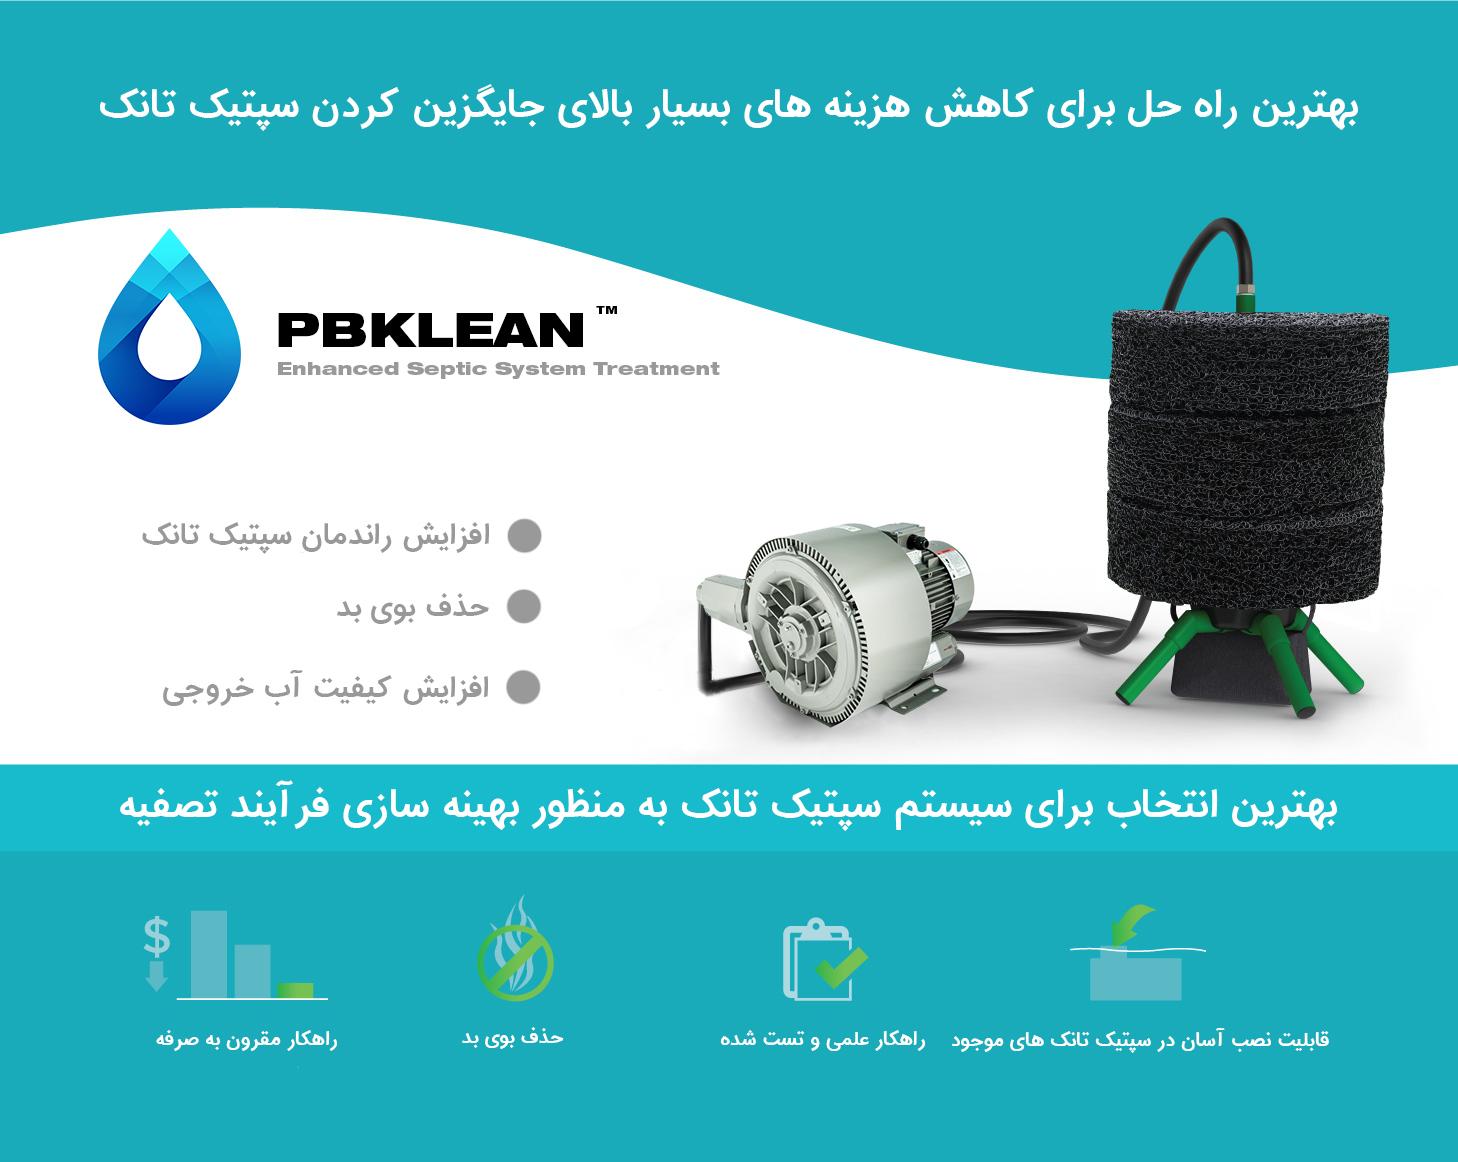 سیستم تزریق هوا و اوزون PBKLEAN